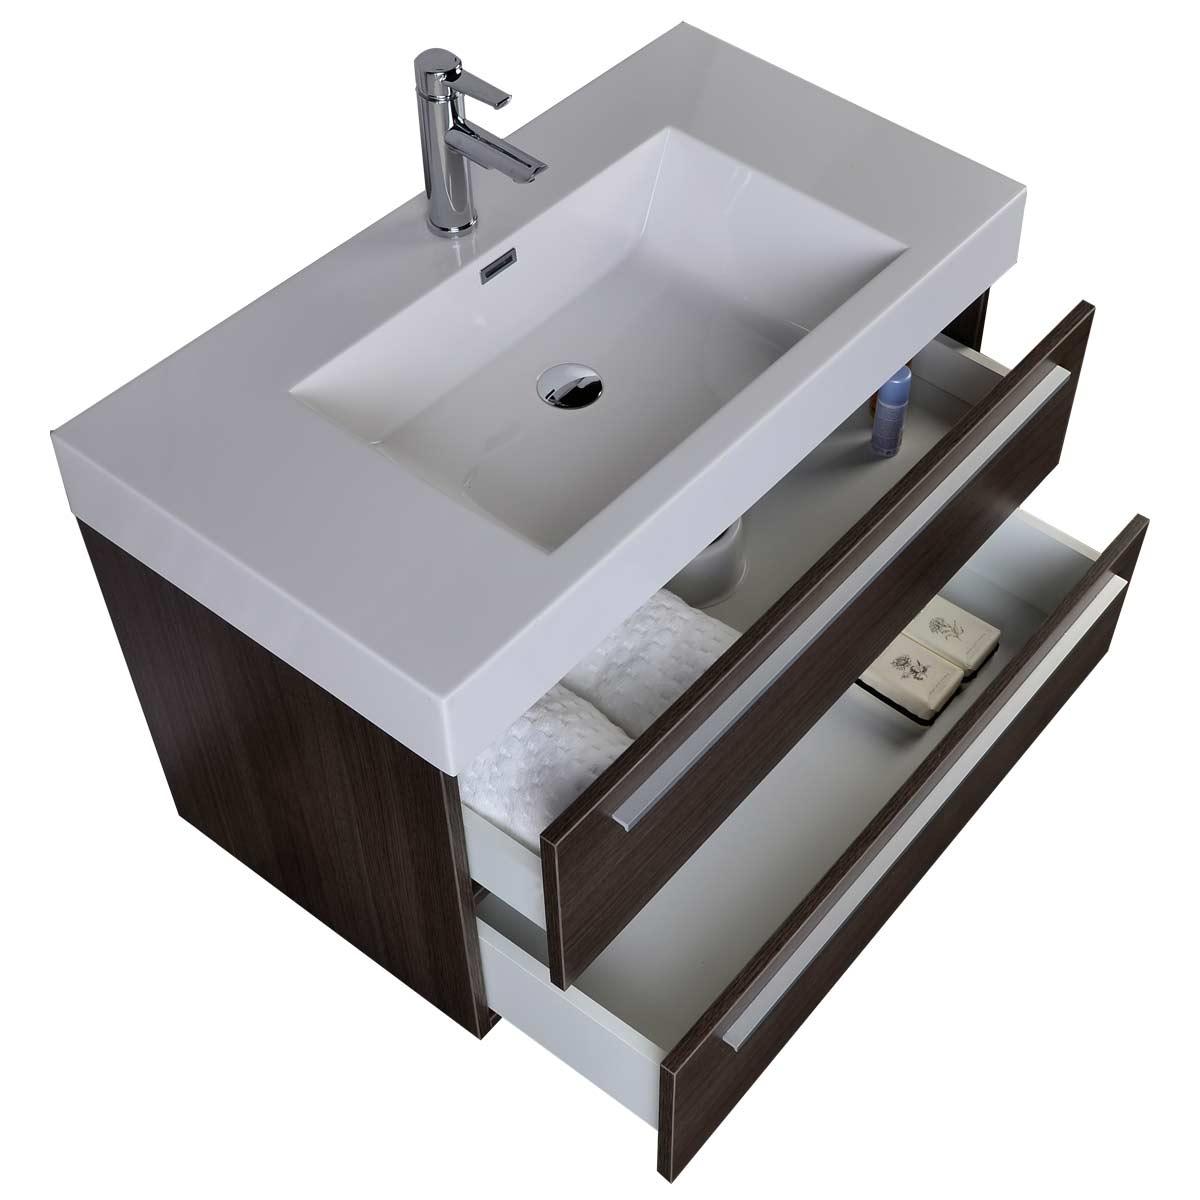 35 5 Modern Bathroom Vanity Grey Oak Wall Mount Free Shipping Tn M900 Go Conceptbaths Com